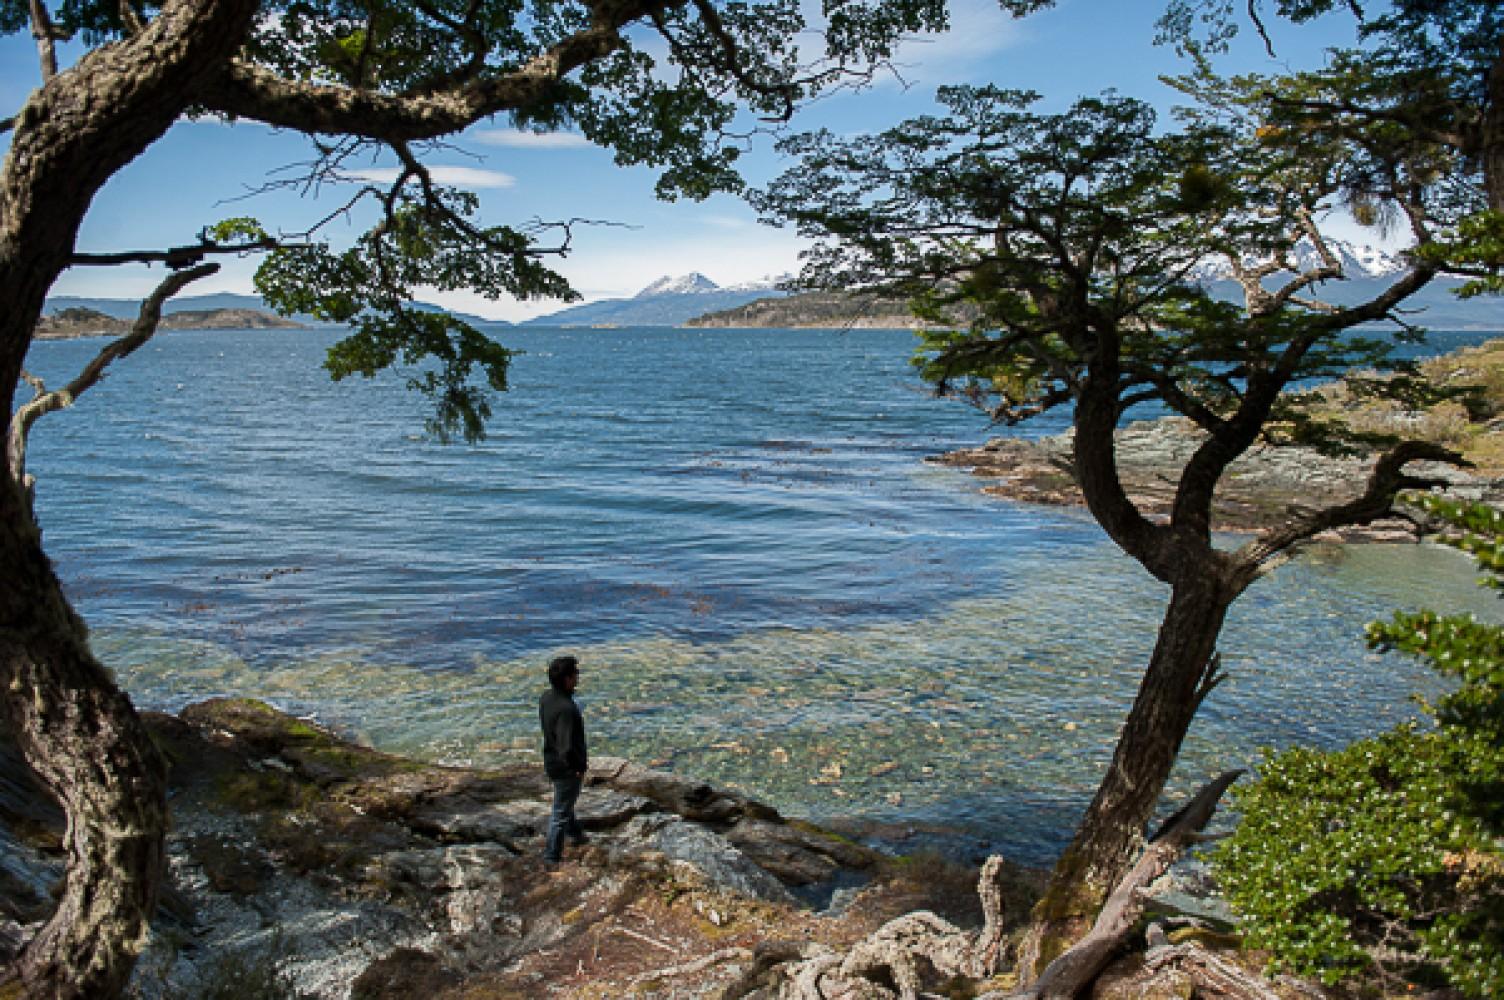 Persona contemplando el lago, rodeado de árboles en Tierra del Fuego en verano.